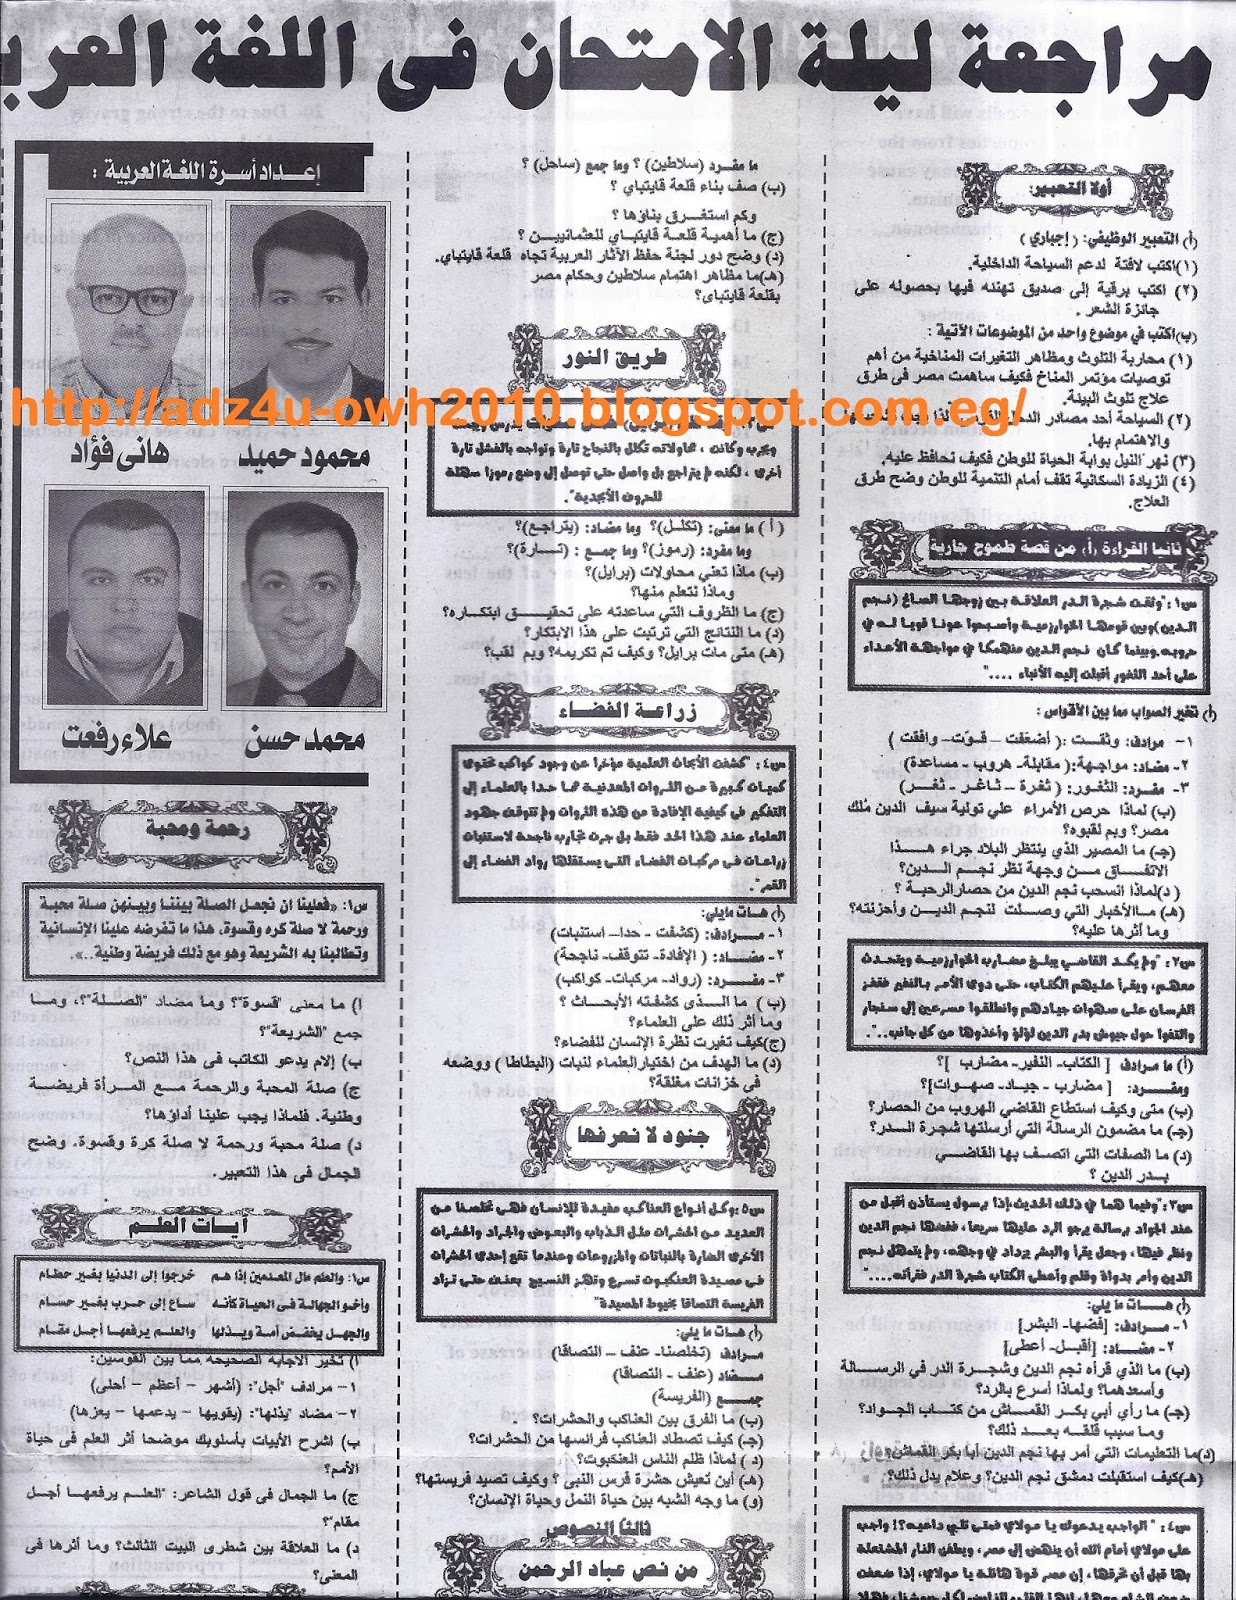 """المراجعة الاخيرة """"لغة عربية"""" ليلة امتحان نصف العام ... للشهادة الاعدادية - ملحق الجمهورية 20/1/2016 8"""